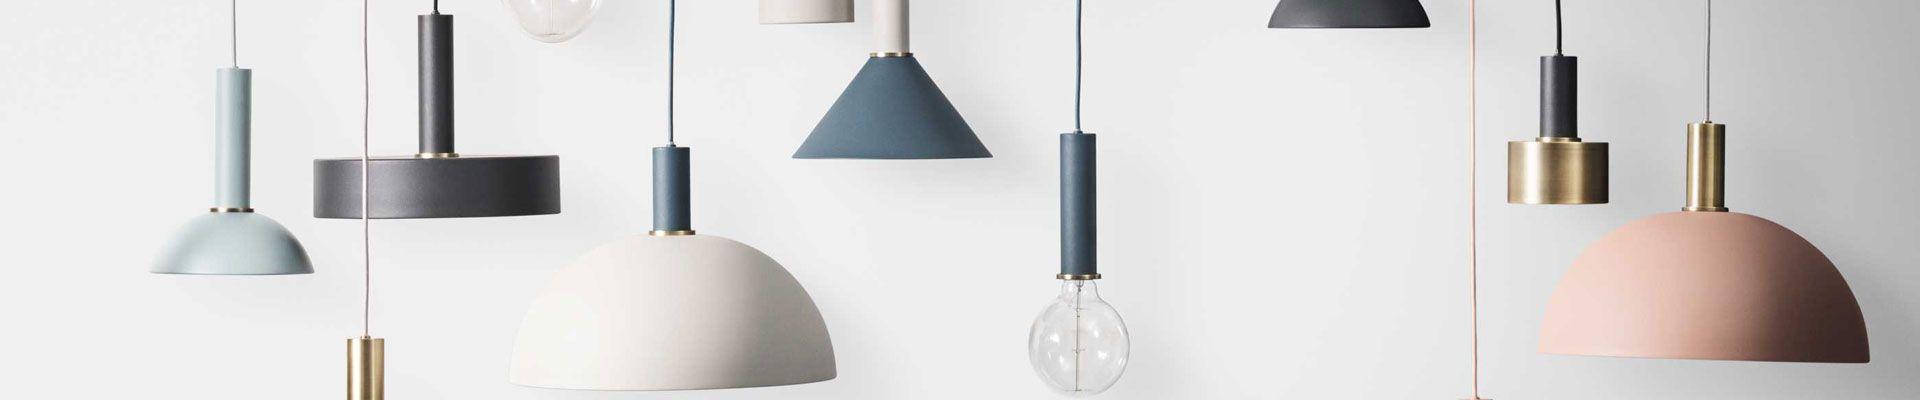 Vijf lichtsoorten: hoe kies ik de juiste verlichting?